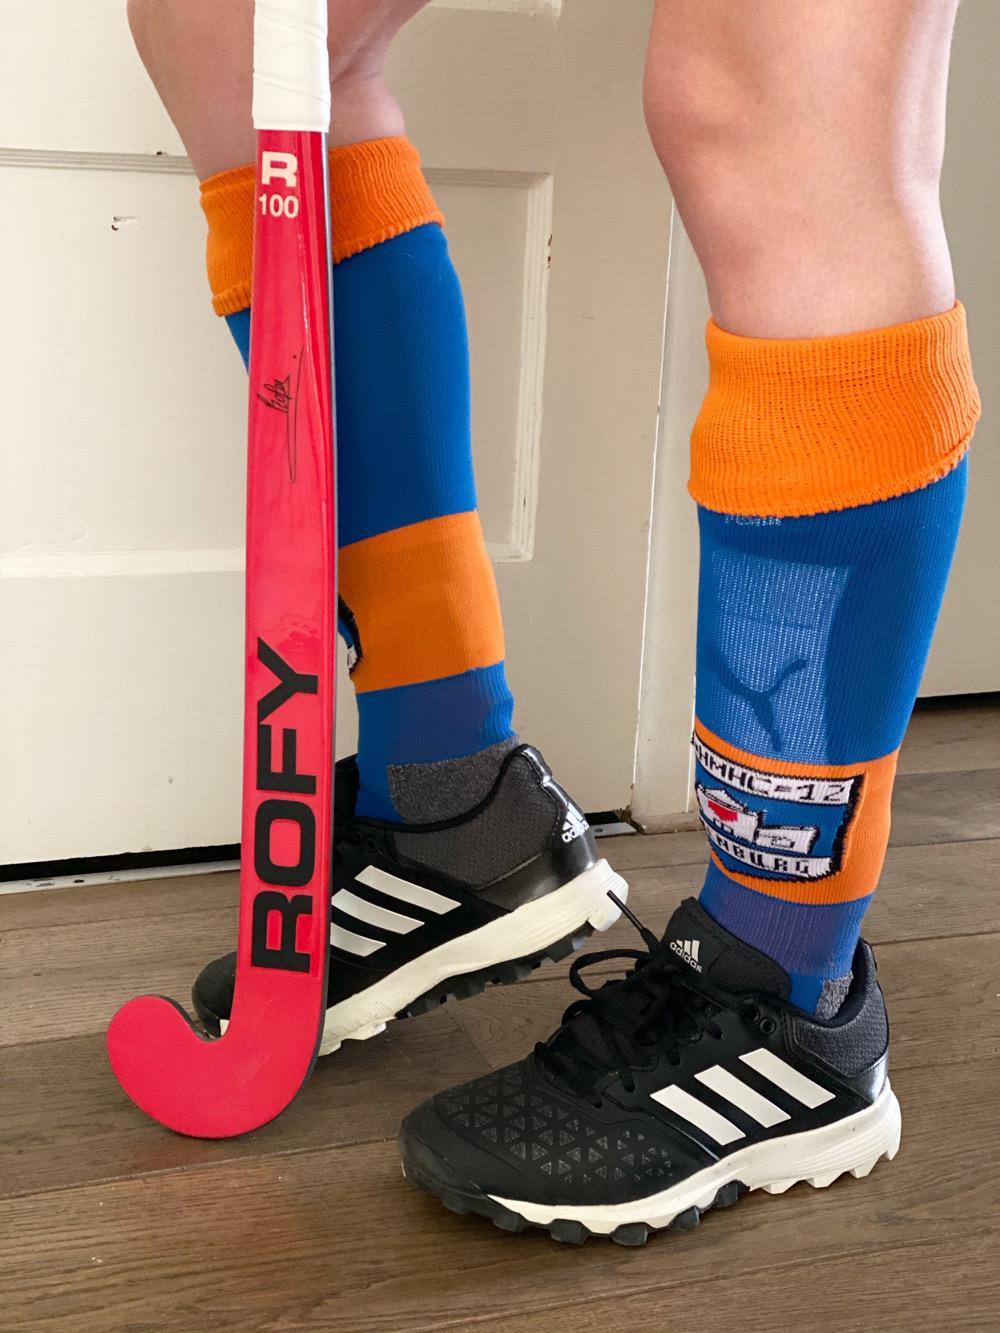 Rofy hockeystick